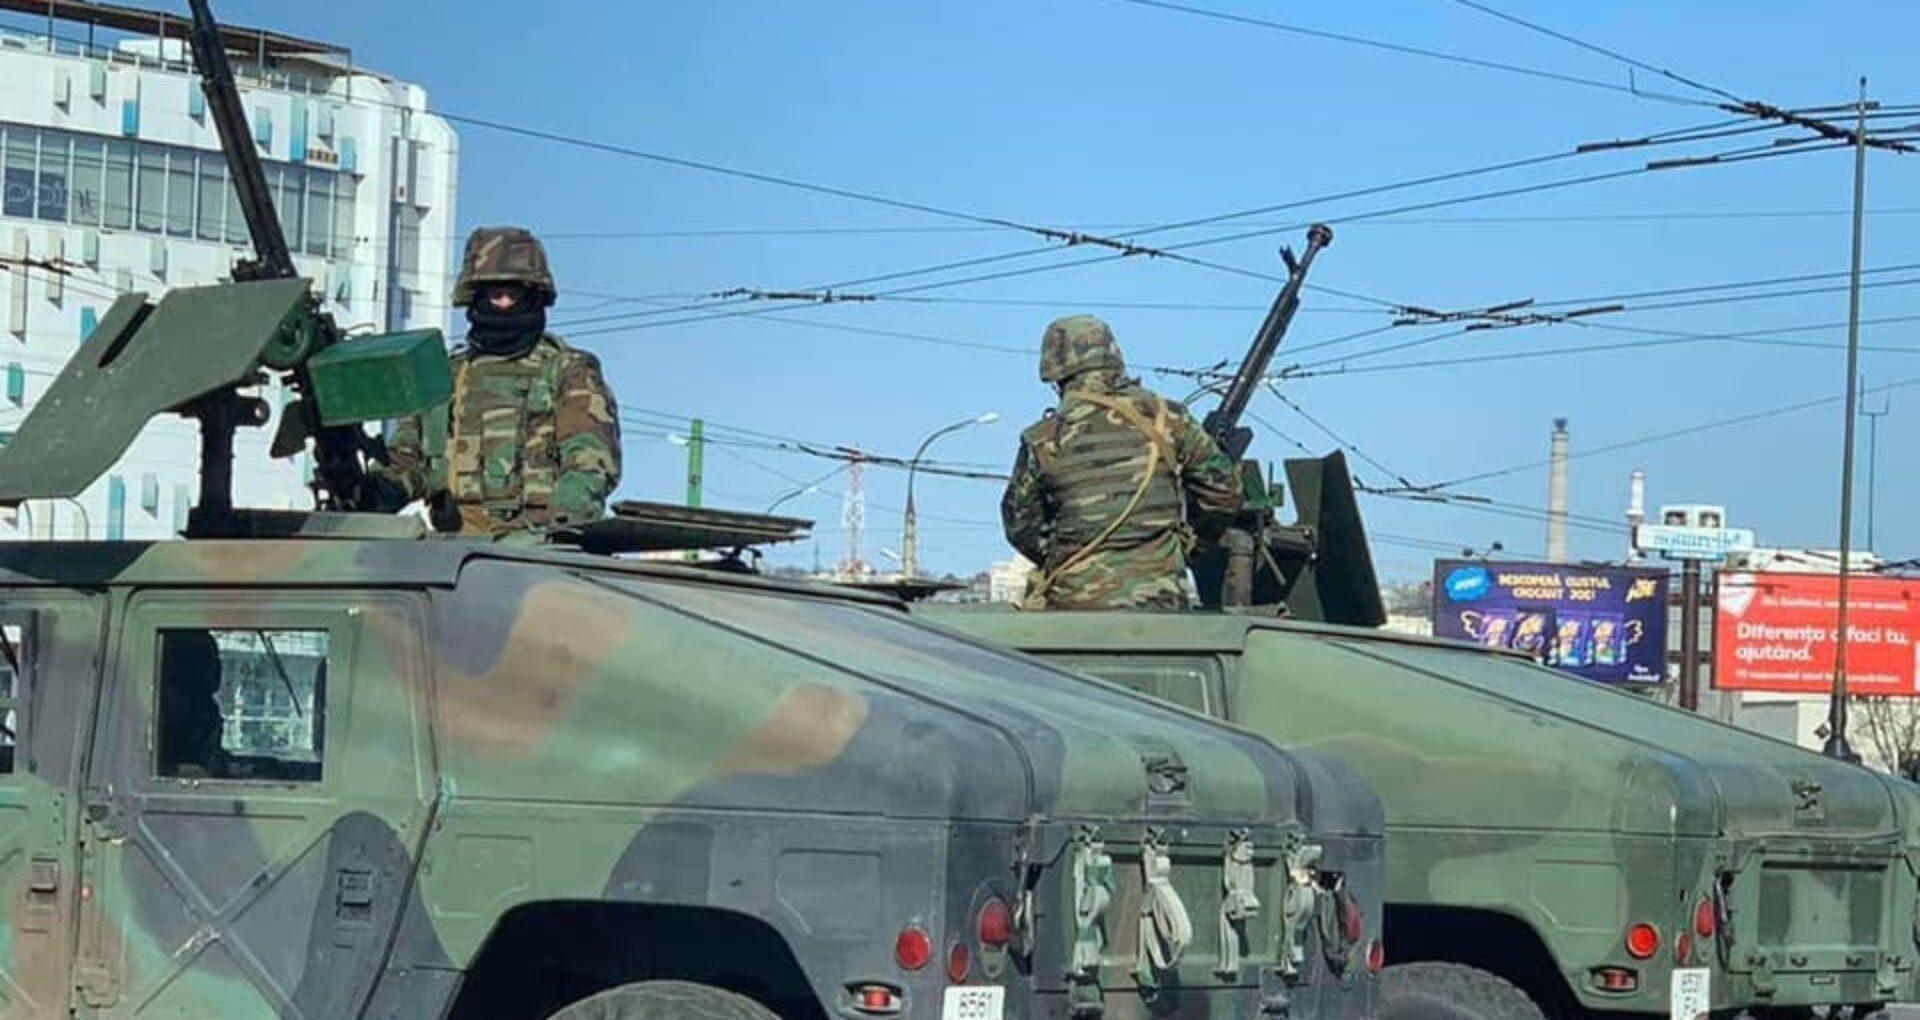 FOTO/ Zeci de blindate, pe străzile capitalei: Ce spune Ministerul Apărării despre armele de pe mașini